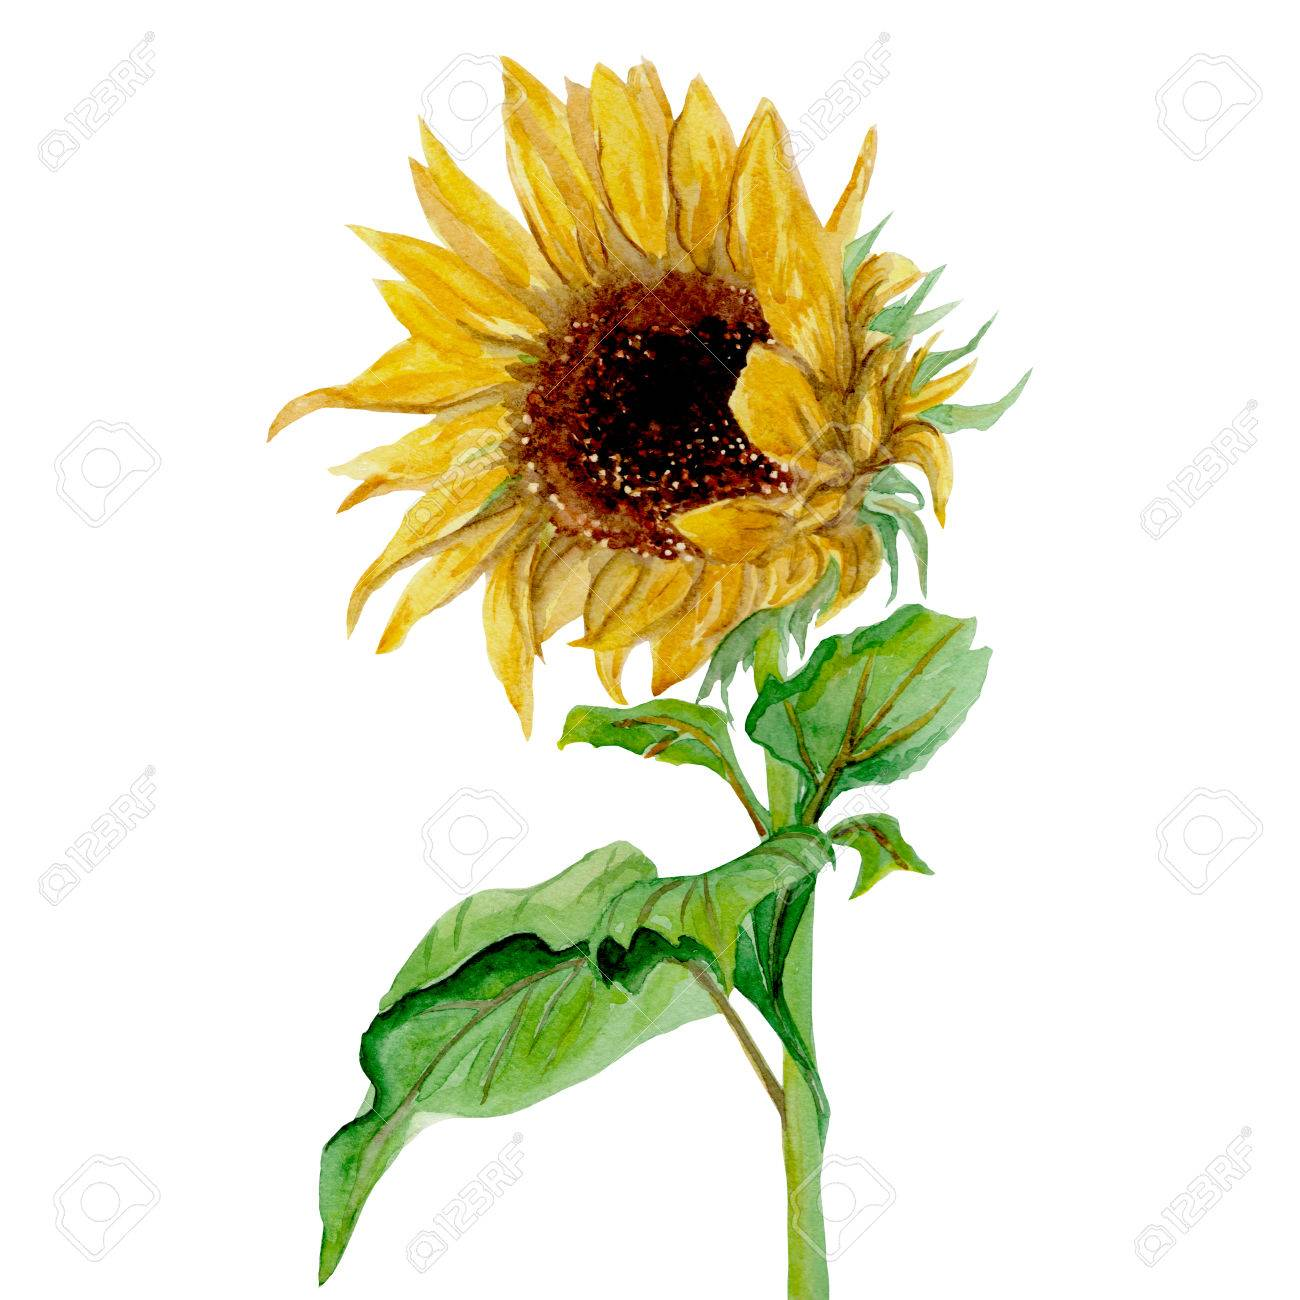 Isolierte Gelben Sonnenblumen Gemalt In Aquarell Auf Einem Weißen ...